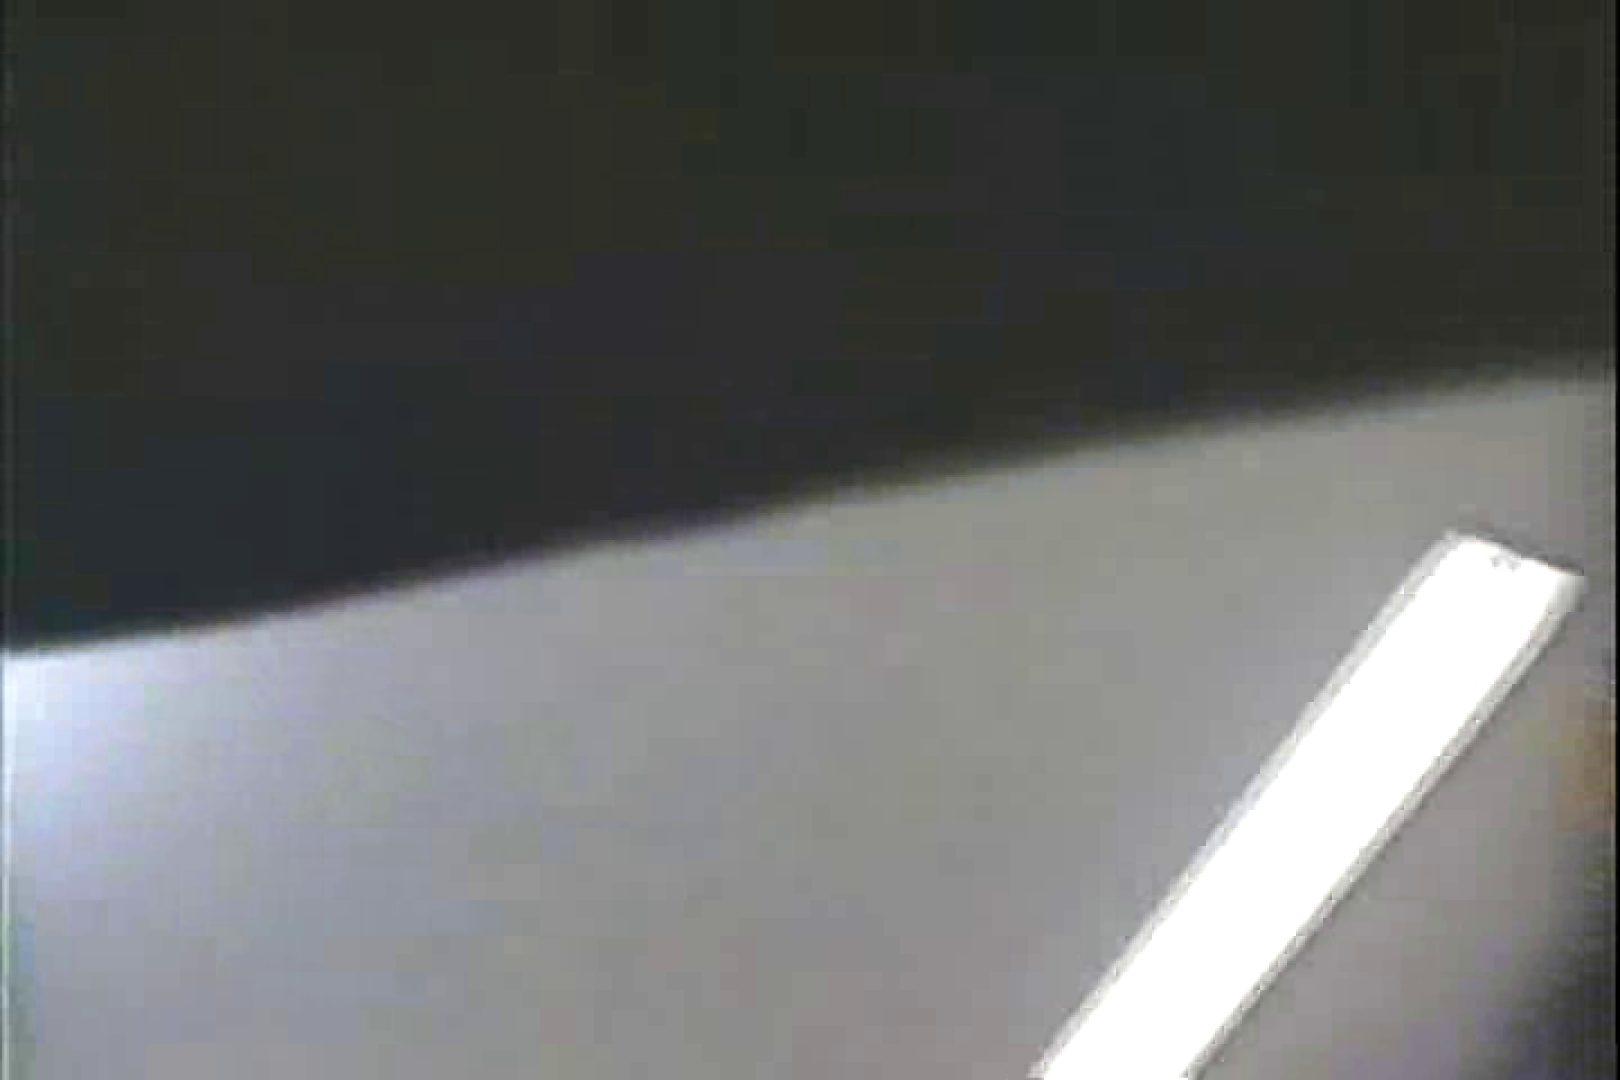 「ちくりん」さんのオリジナル未編集パンチラVol.3_02 盗撮師作品 | 新入生パンチラ  81pic 17